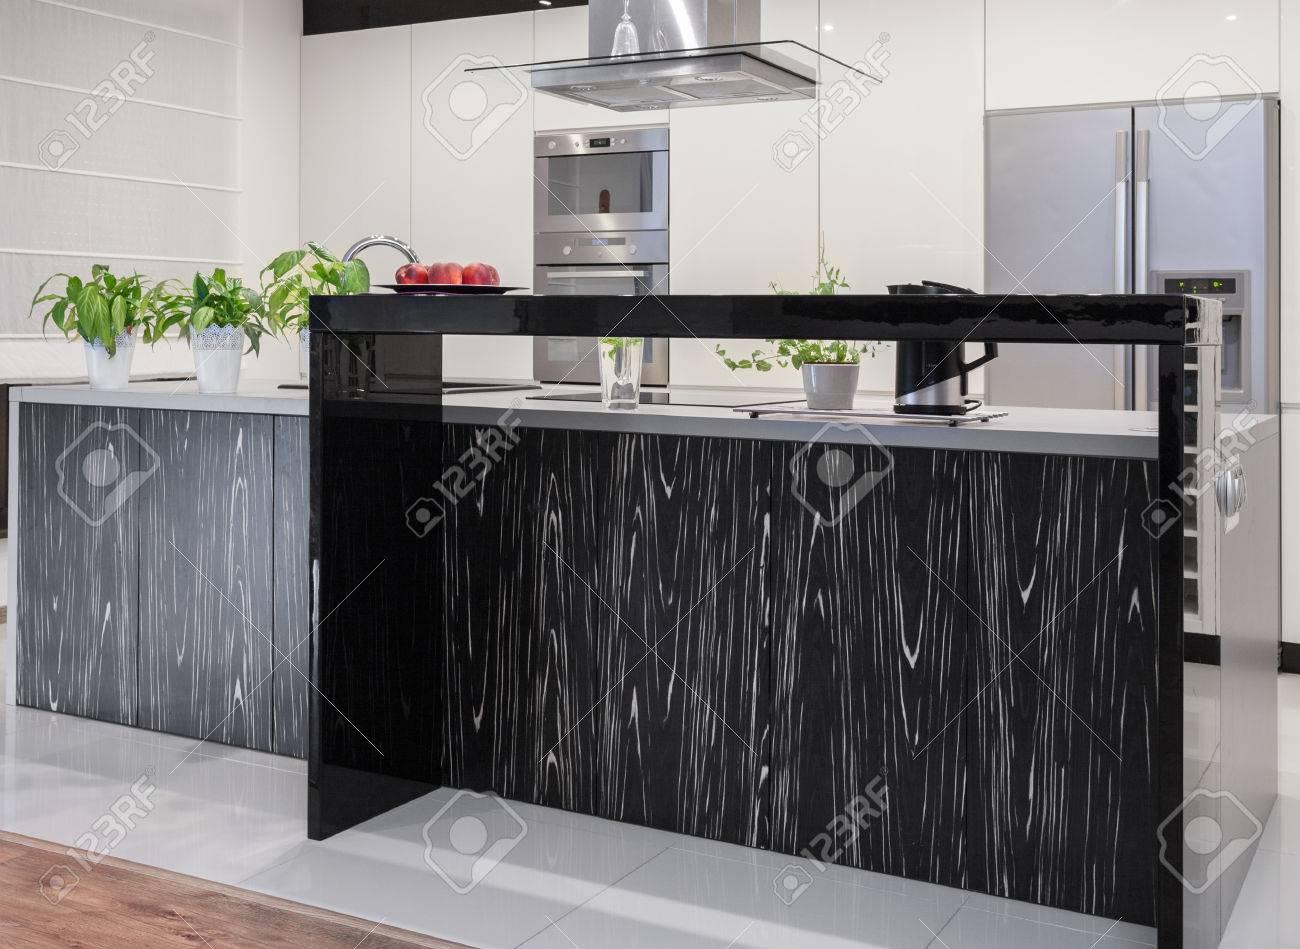 Foto Der Neuen Küche Mit Dekorativen Schwarzen Und Weißen ...